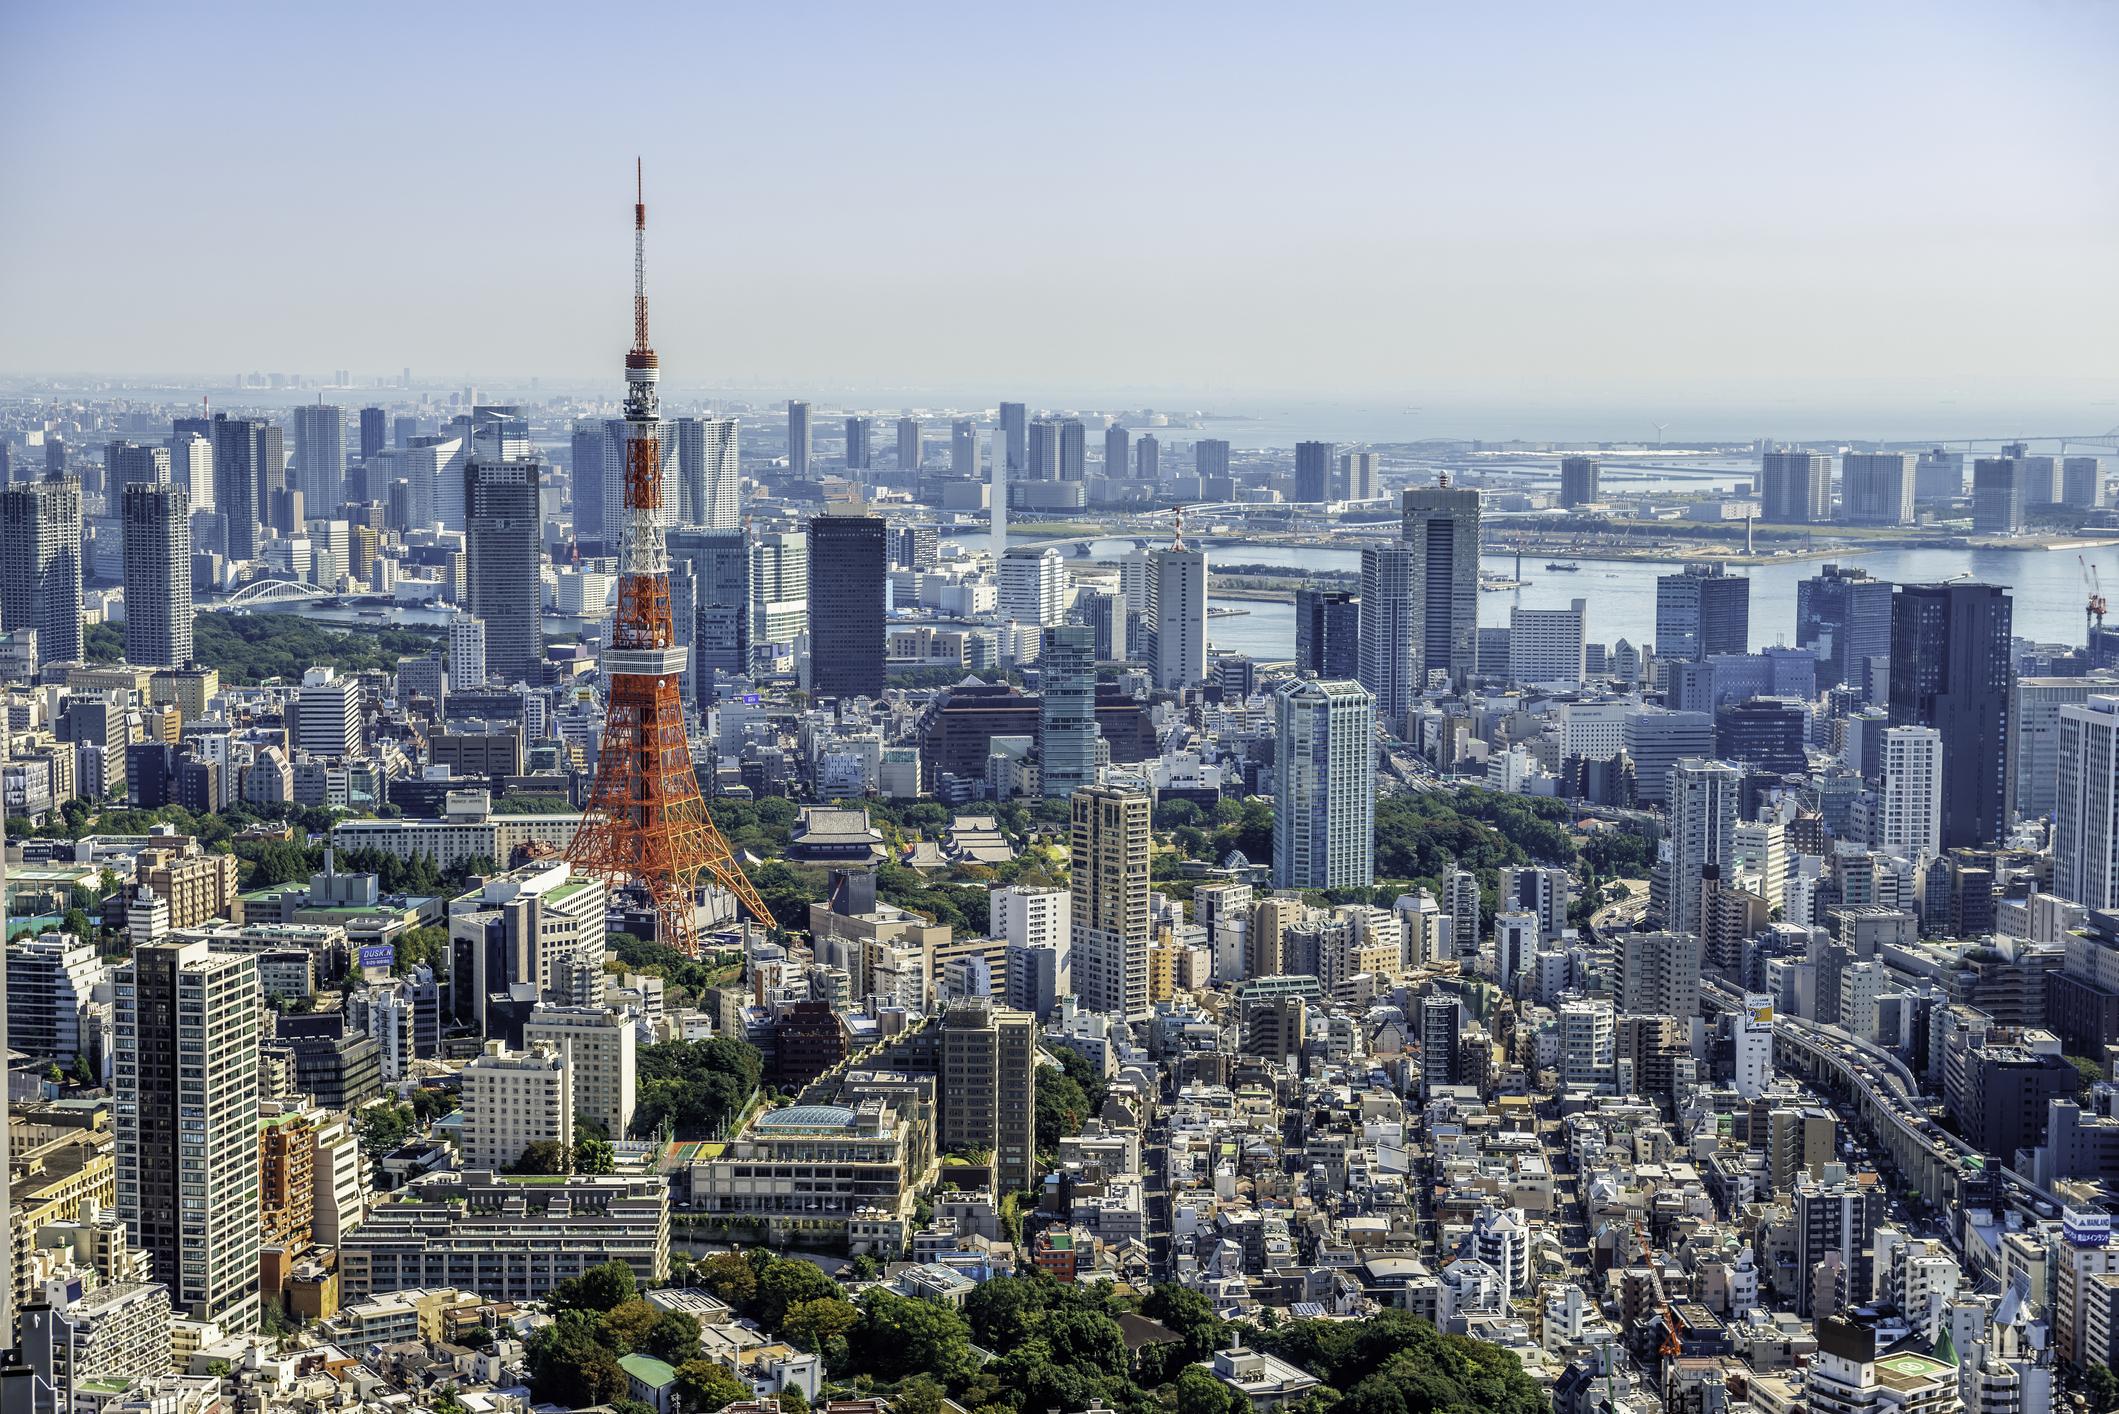 東京の賃貸初期費用の相場は?初期費用を安くする方法はあるの?